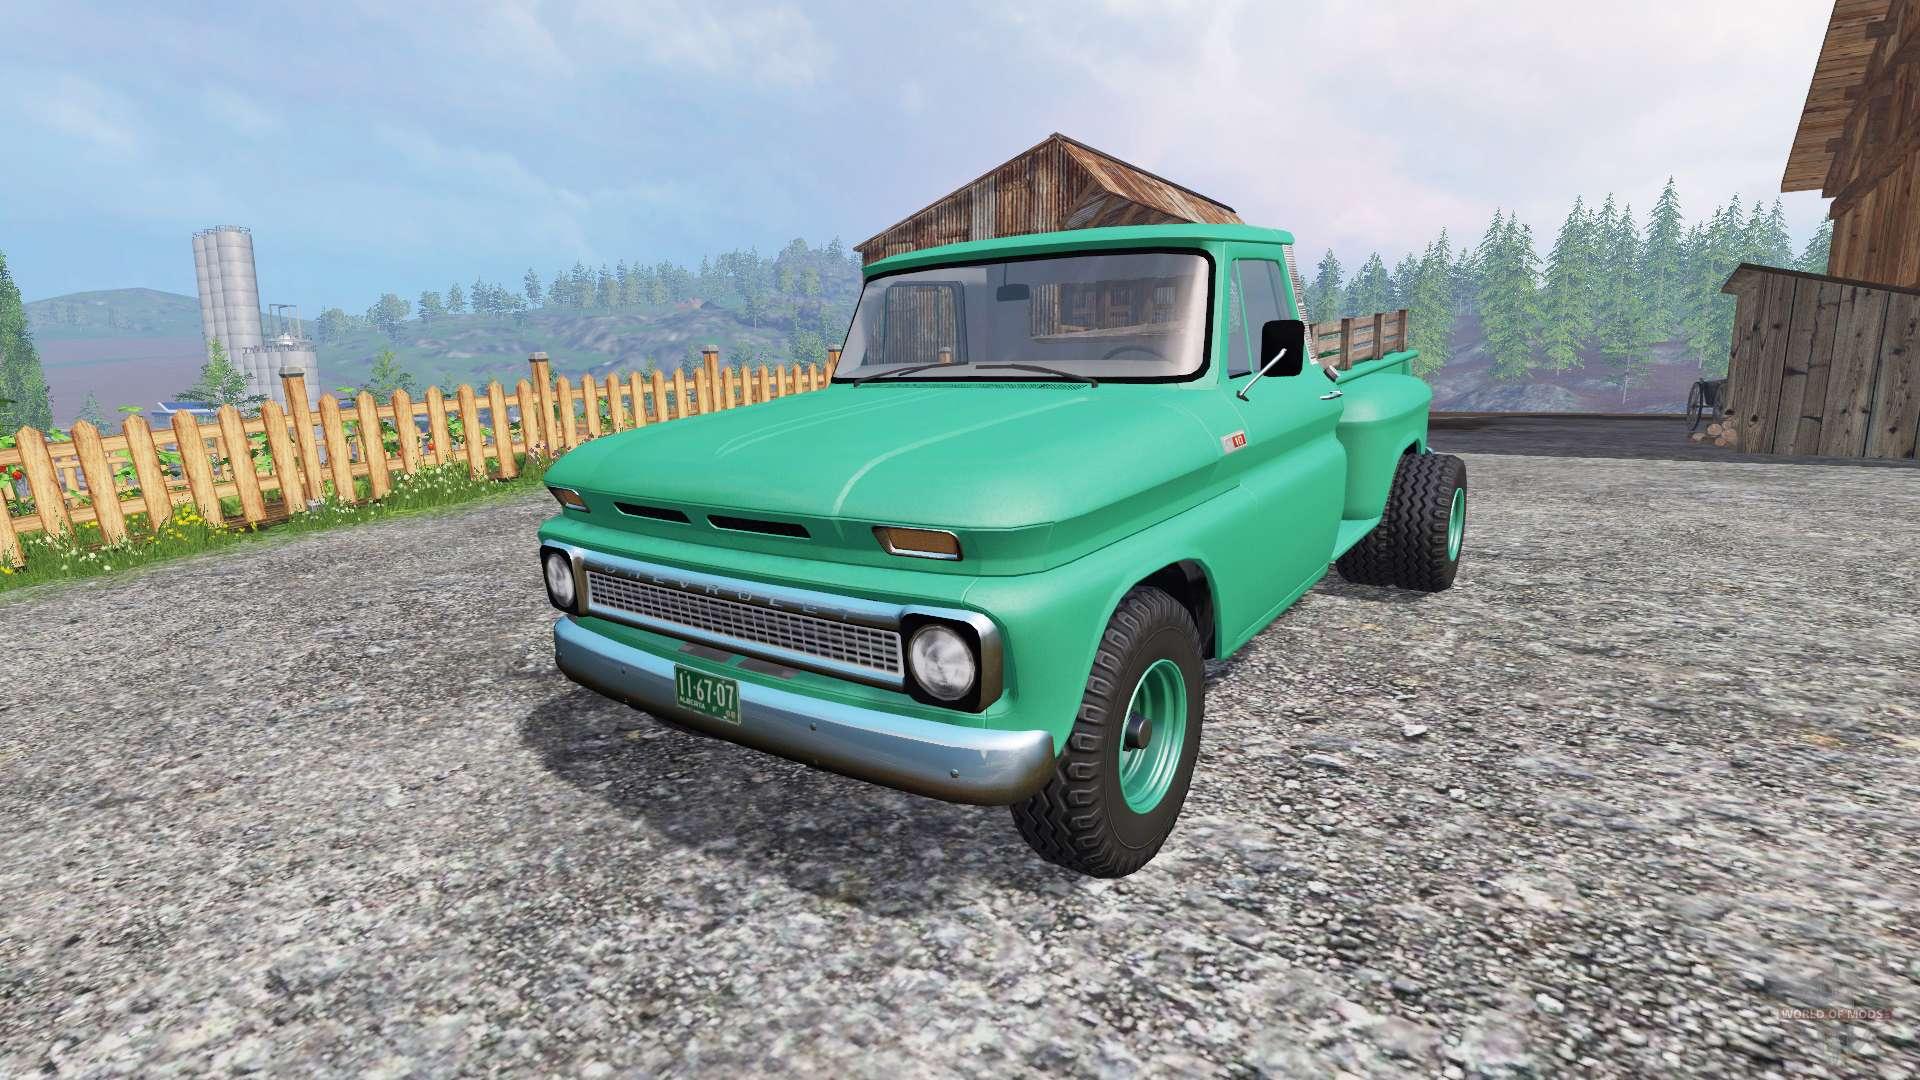 Chevrolet C10 Fleetside 1966 Custom For Farming Simulator 2015 Chevy